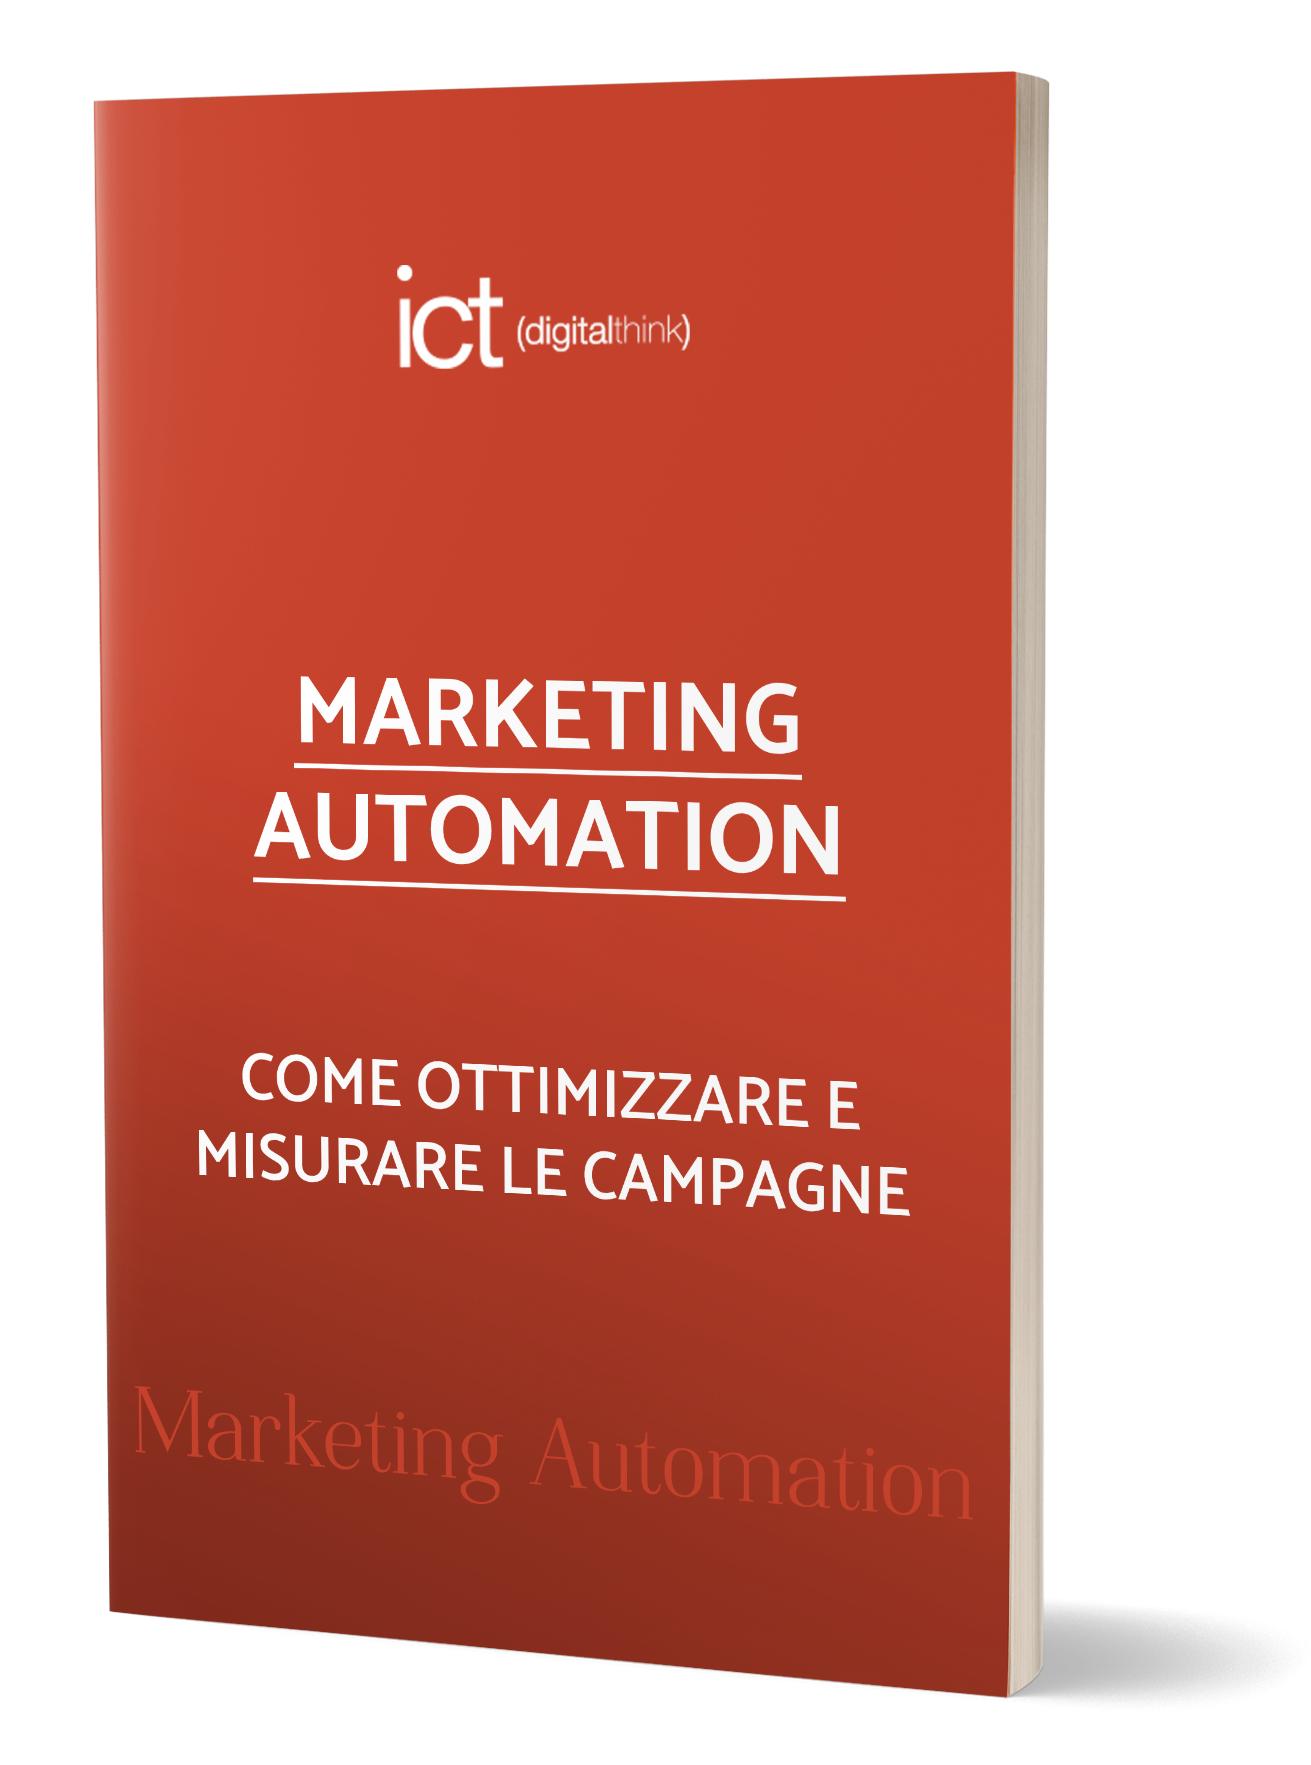 MARKETING AUTOMATION: come ottimizzare e misurare le campagne